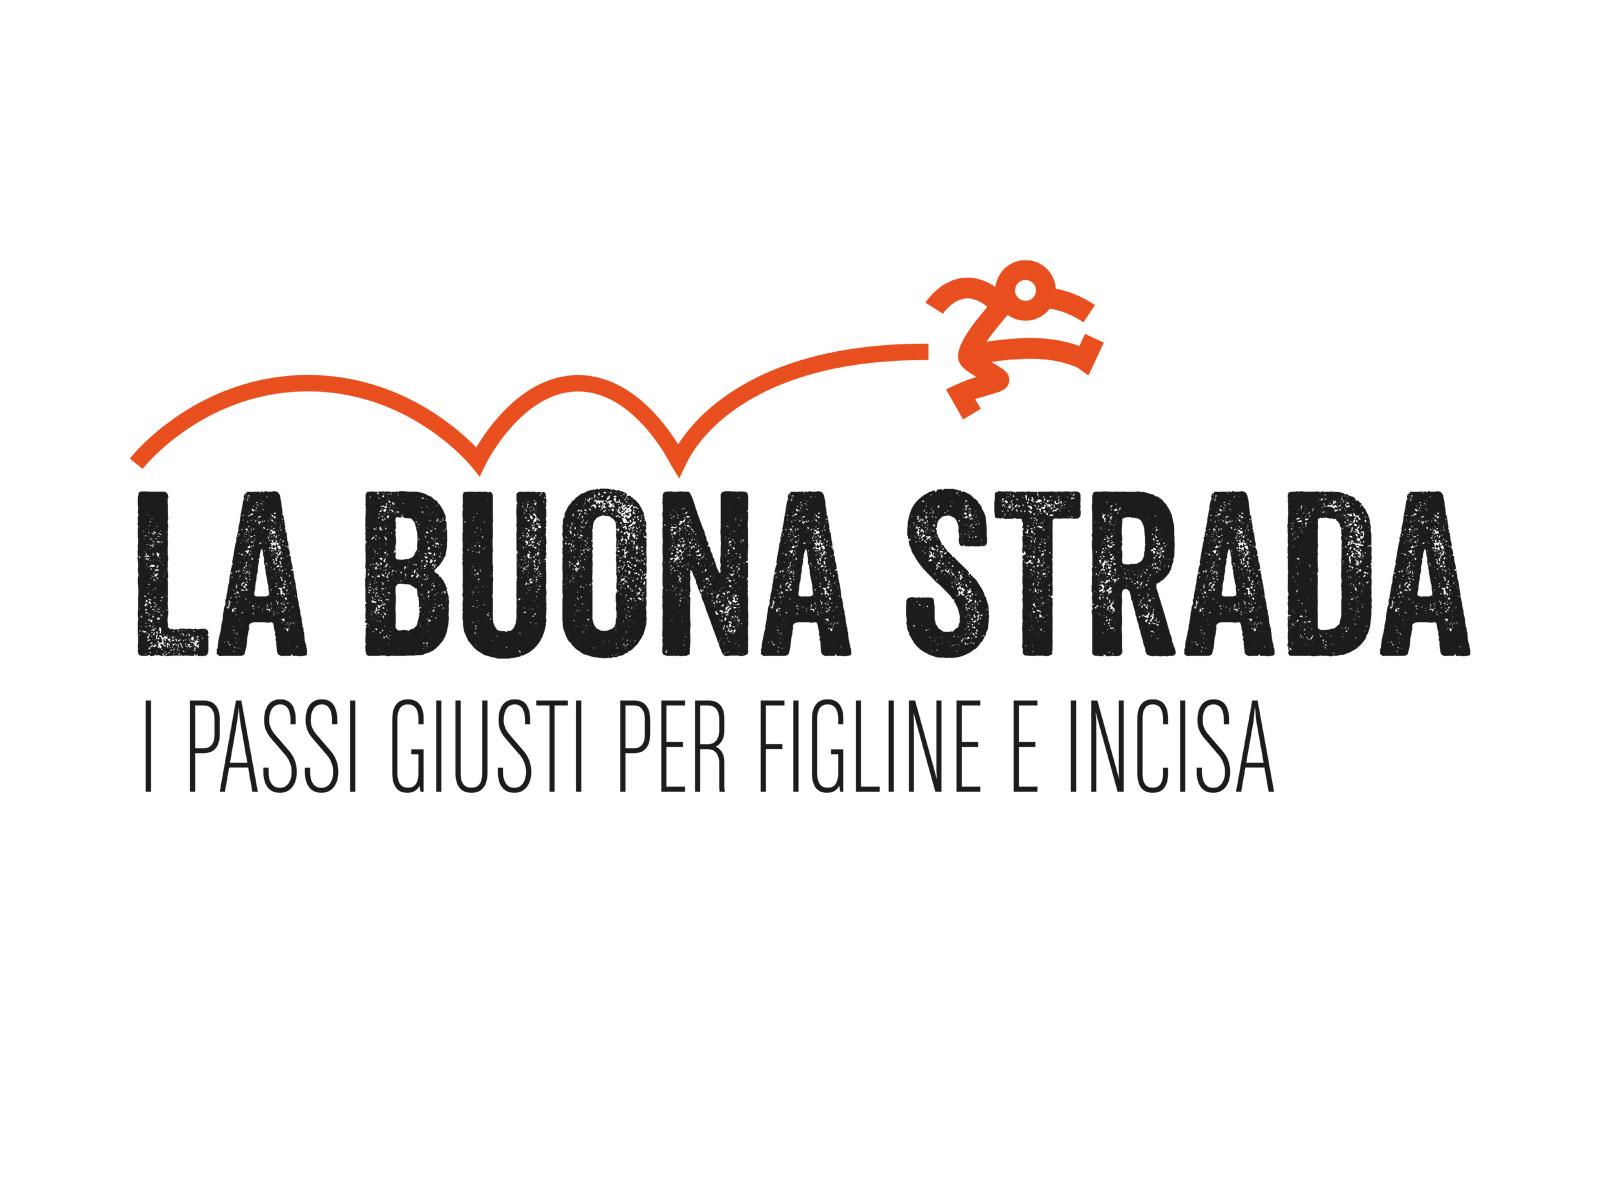 logo_buona_strada_figline_valdarno_agenzia_hanzo